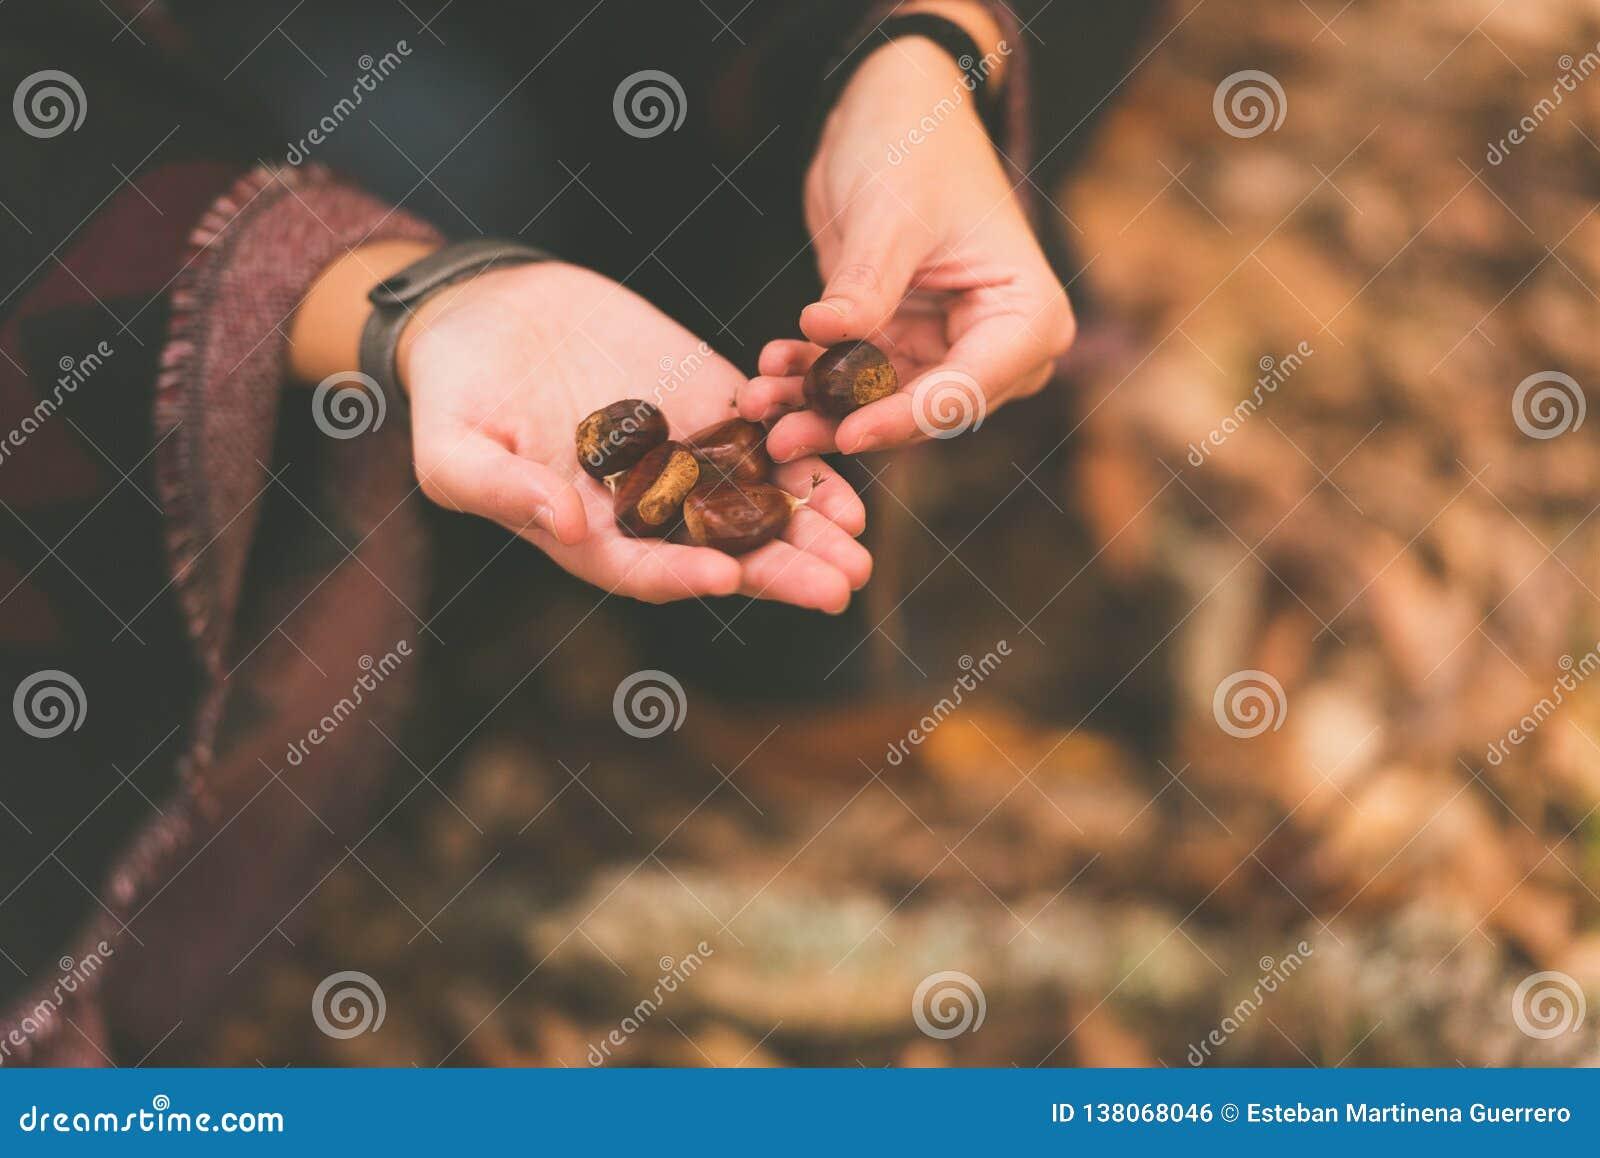 Una mujer joven coge las castañas caidas en la tierra en un bosque otoñal